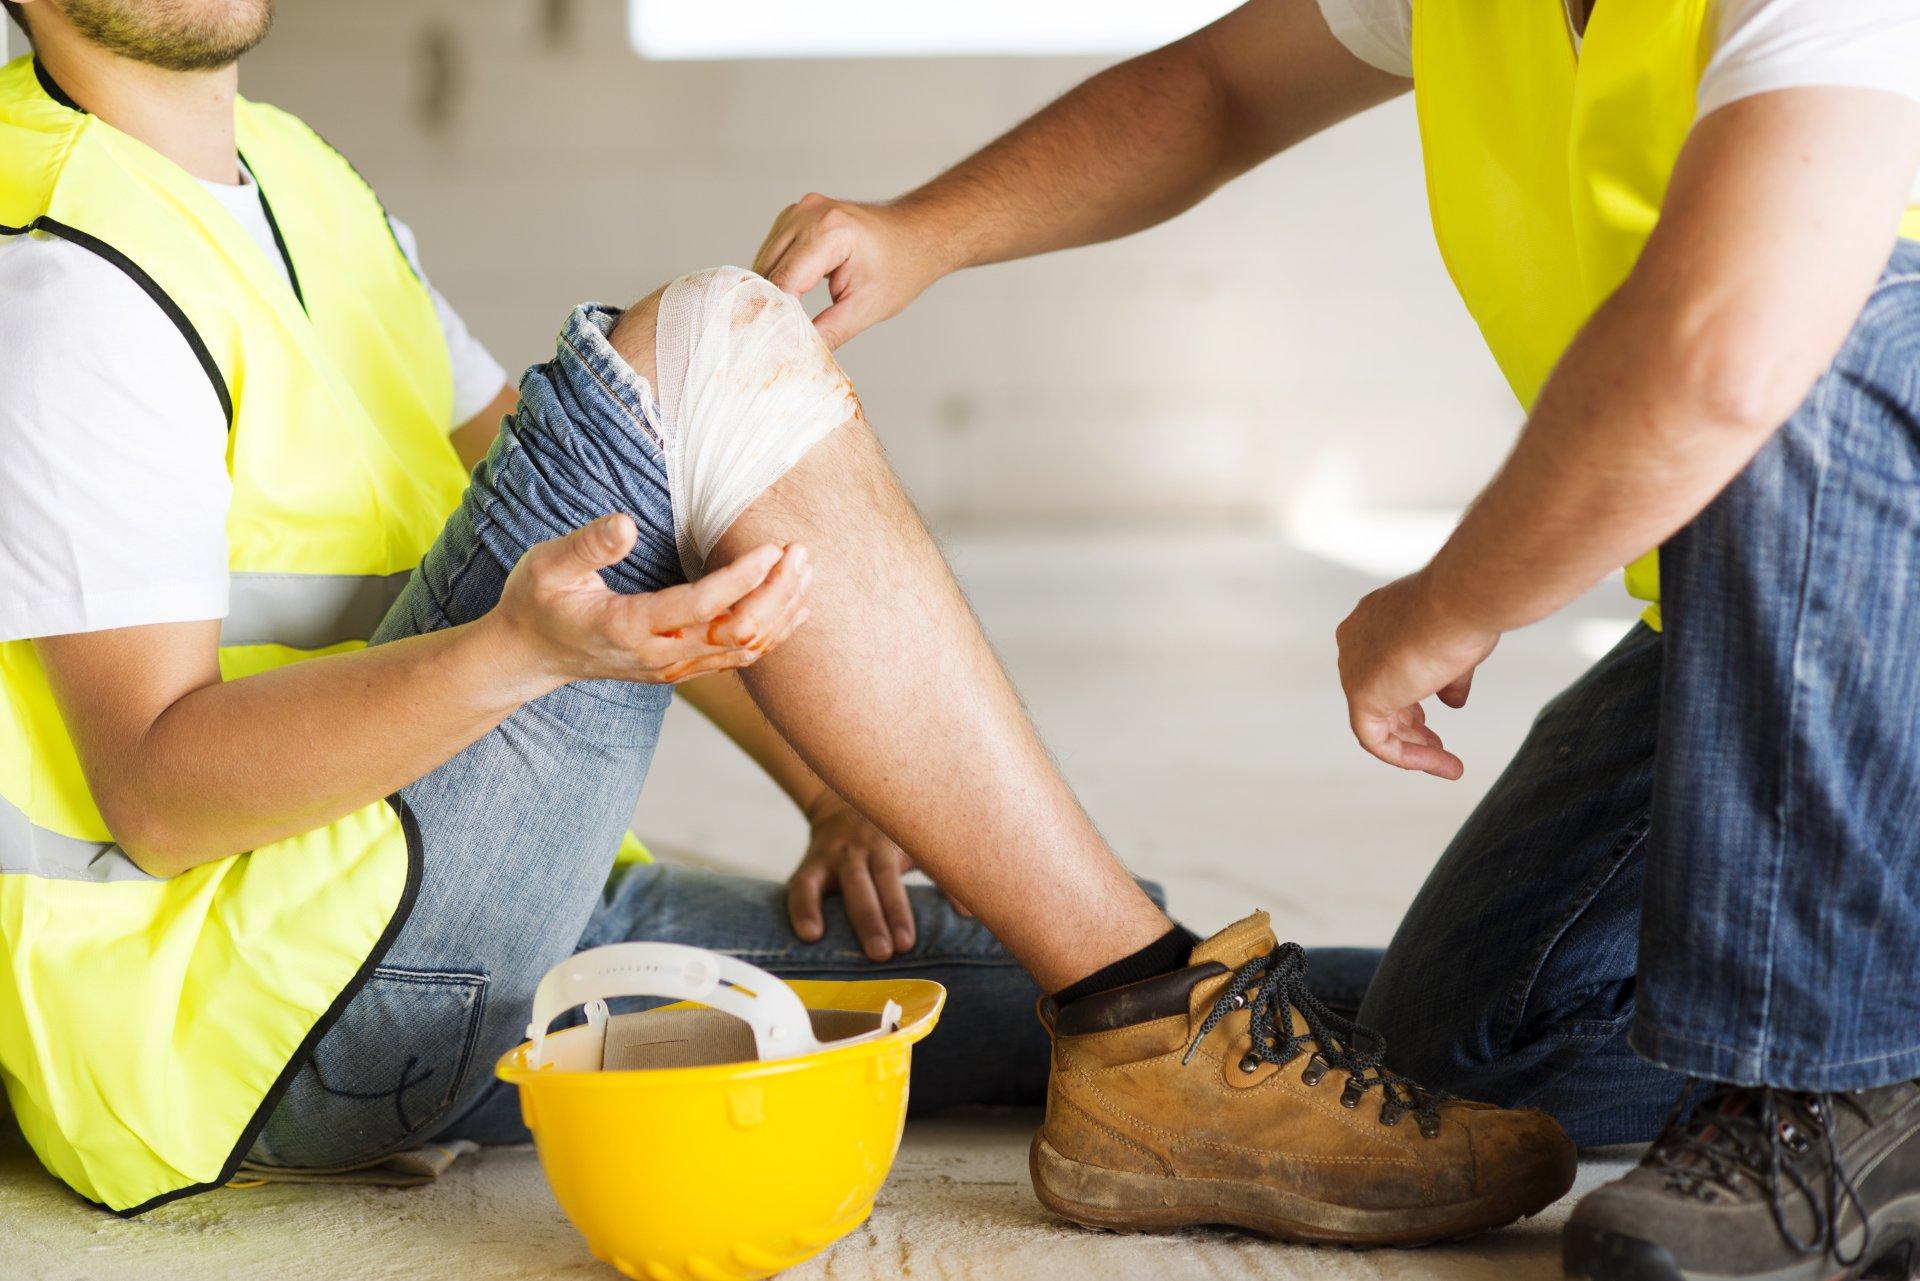 обучение по охране труда, промышленной безопасности, безопасности строительства и других видах обучения, по оказанию первой мединской помощи пострадавшим на производстве